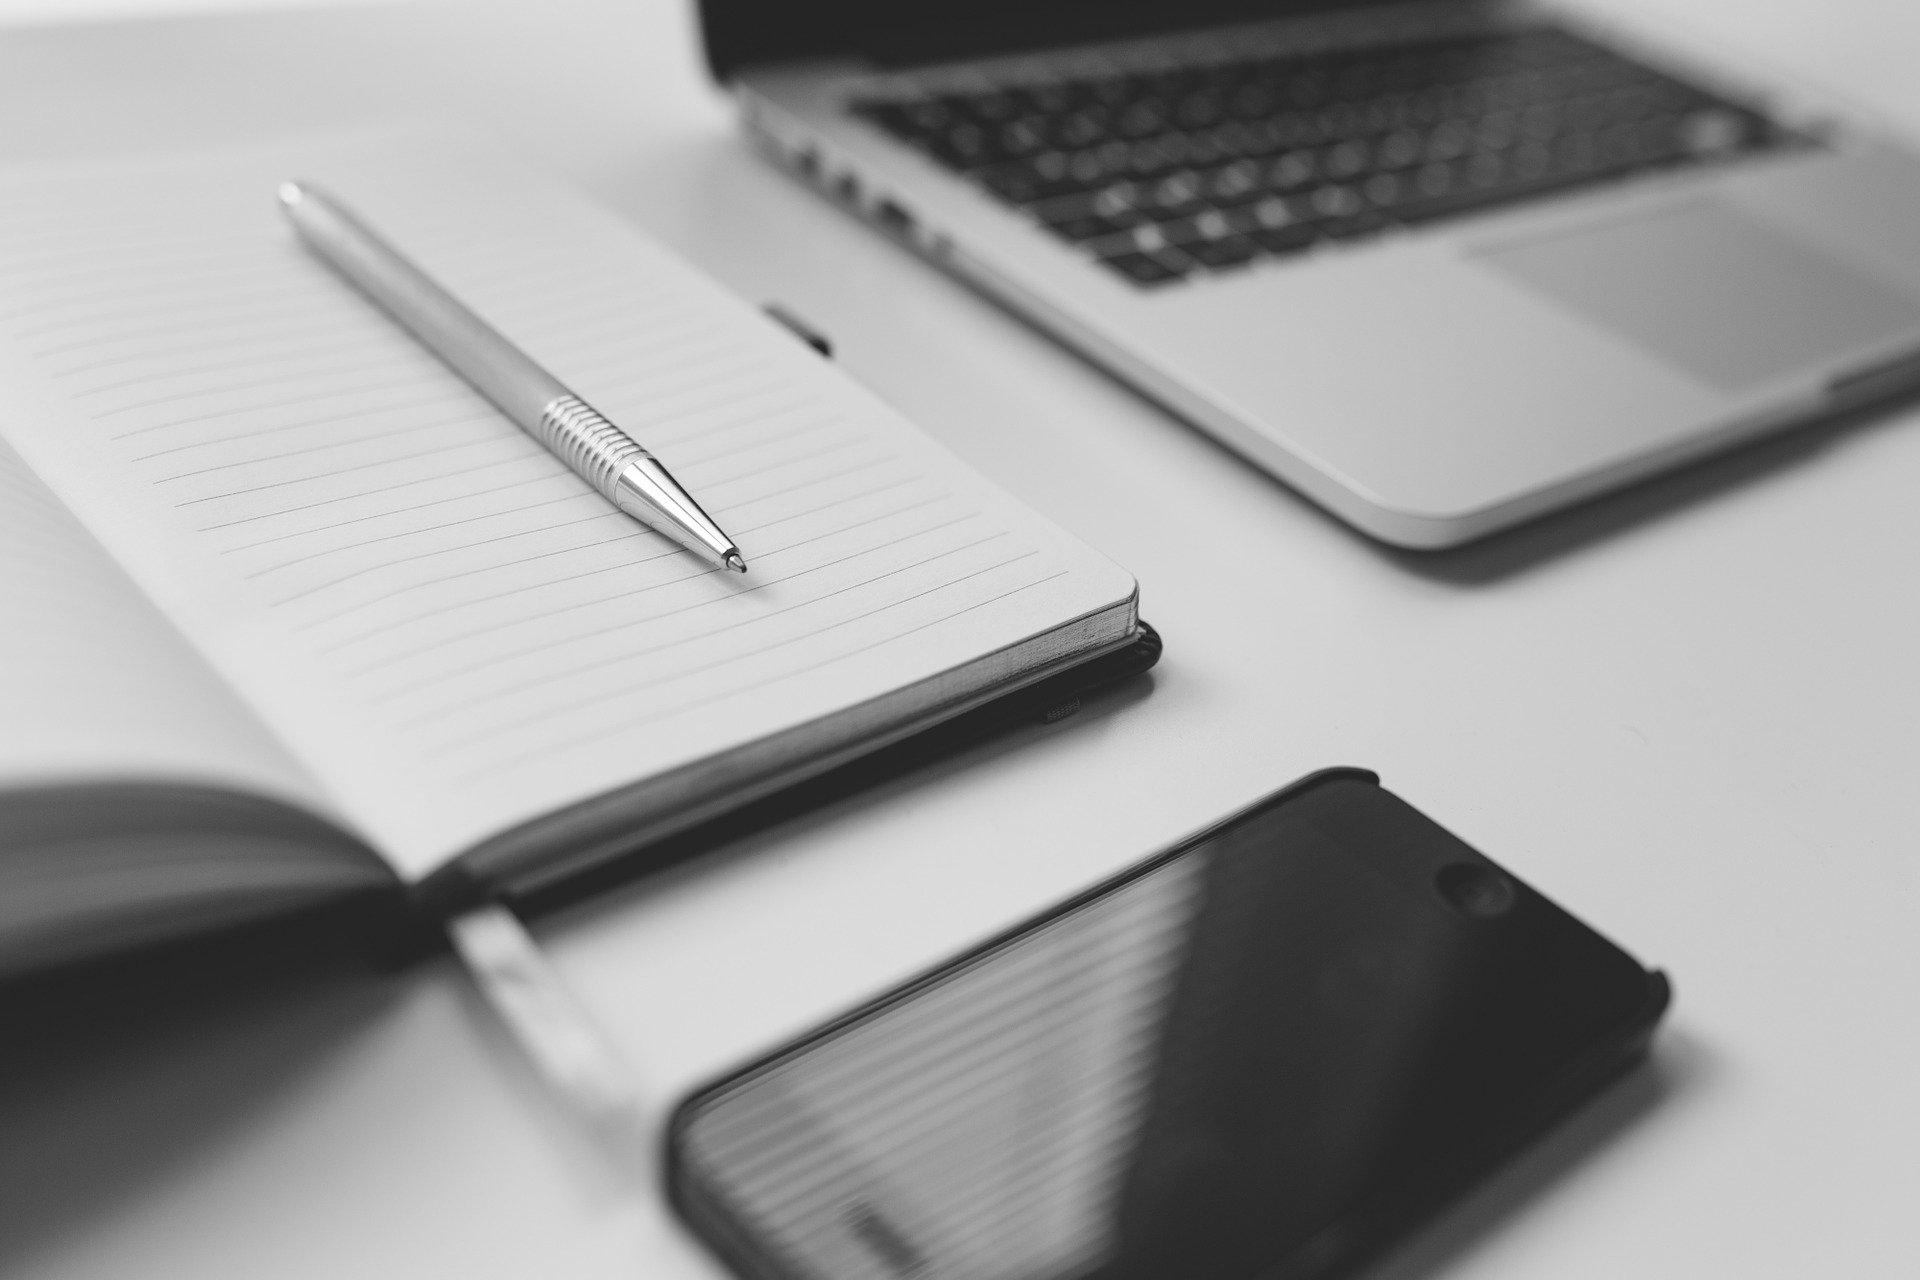 Ділимось досвідом оформлення онлайн-заявки з використанням ЕЦП на отримання Довідки МВС про відсутність судимості